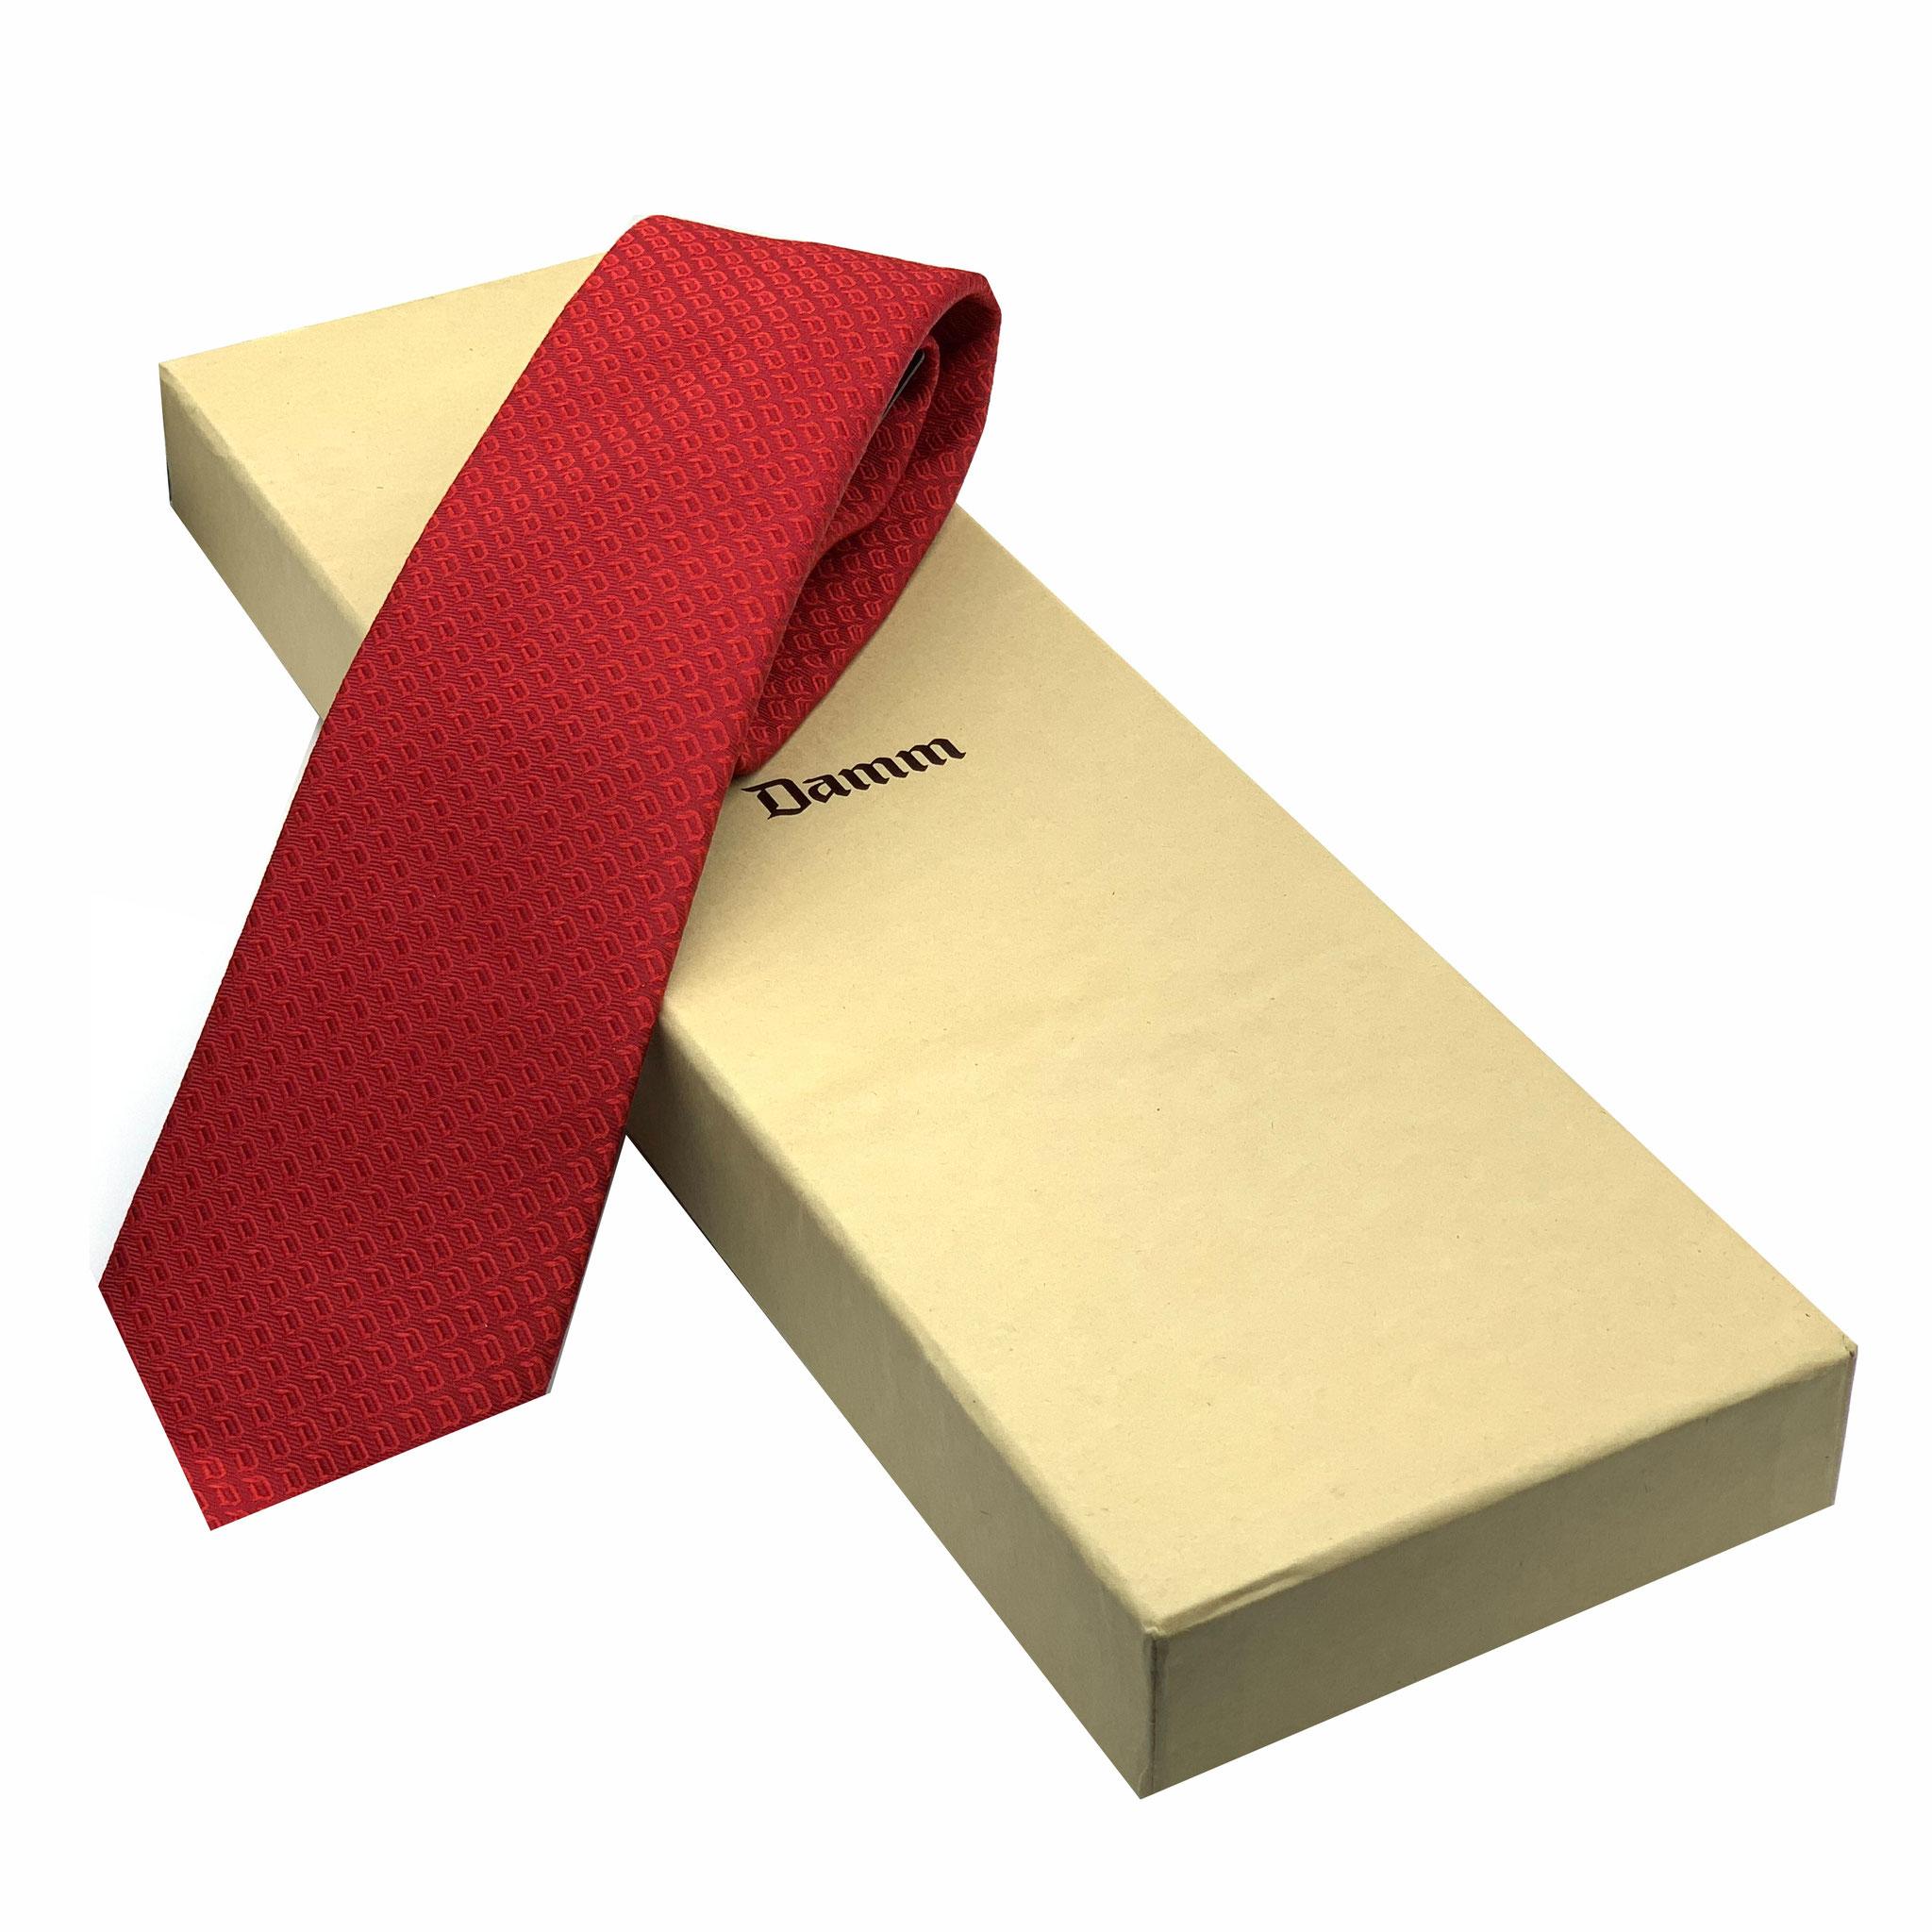 Krawatte mit Verpackung Damm Bierhersteller